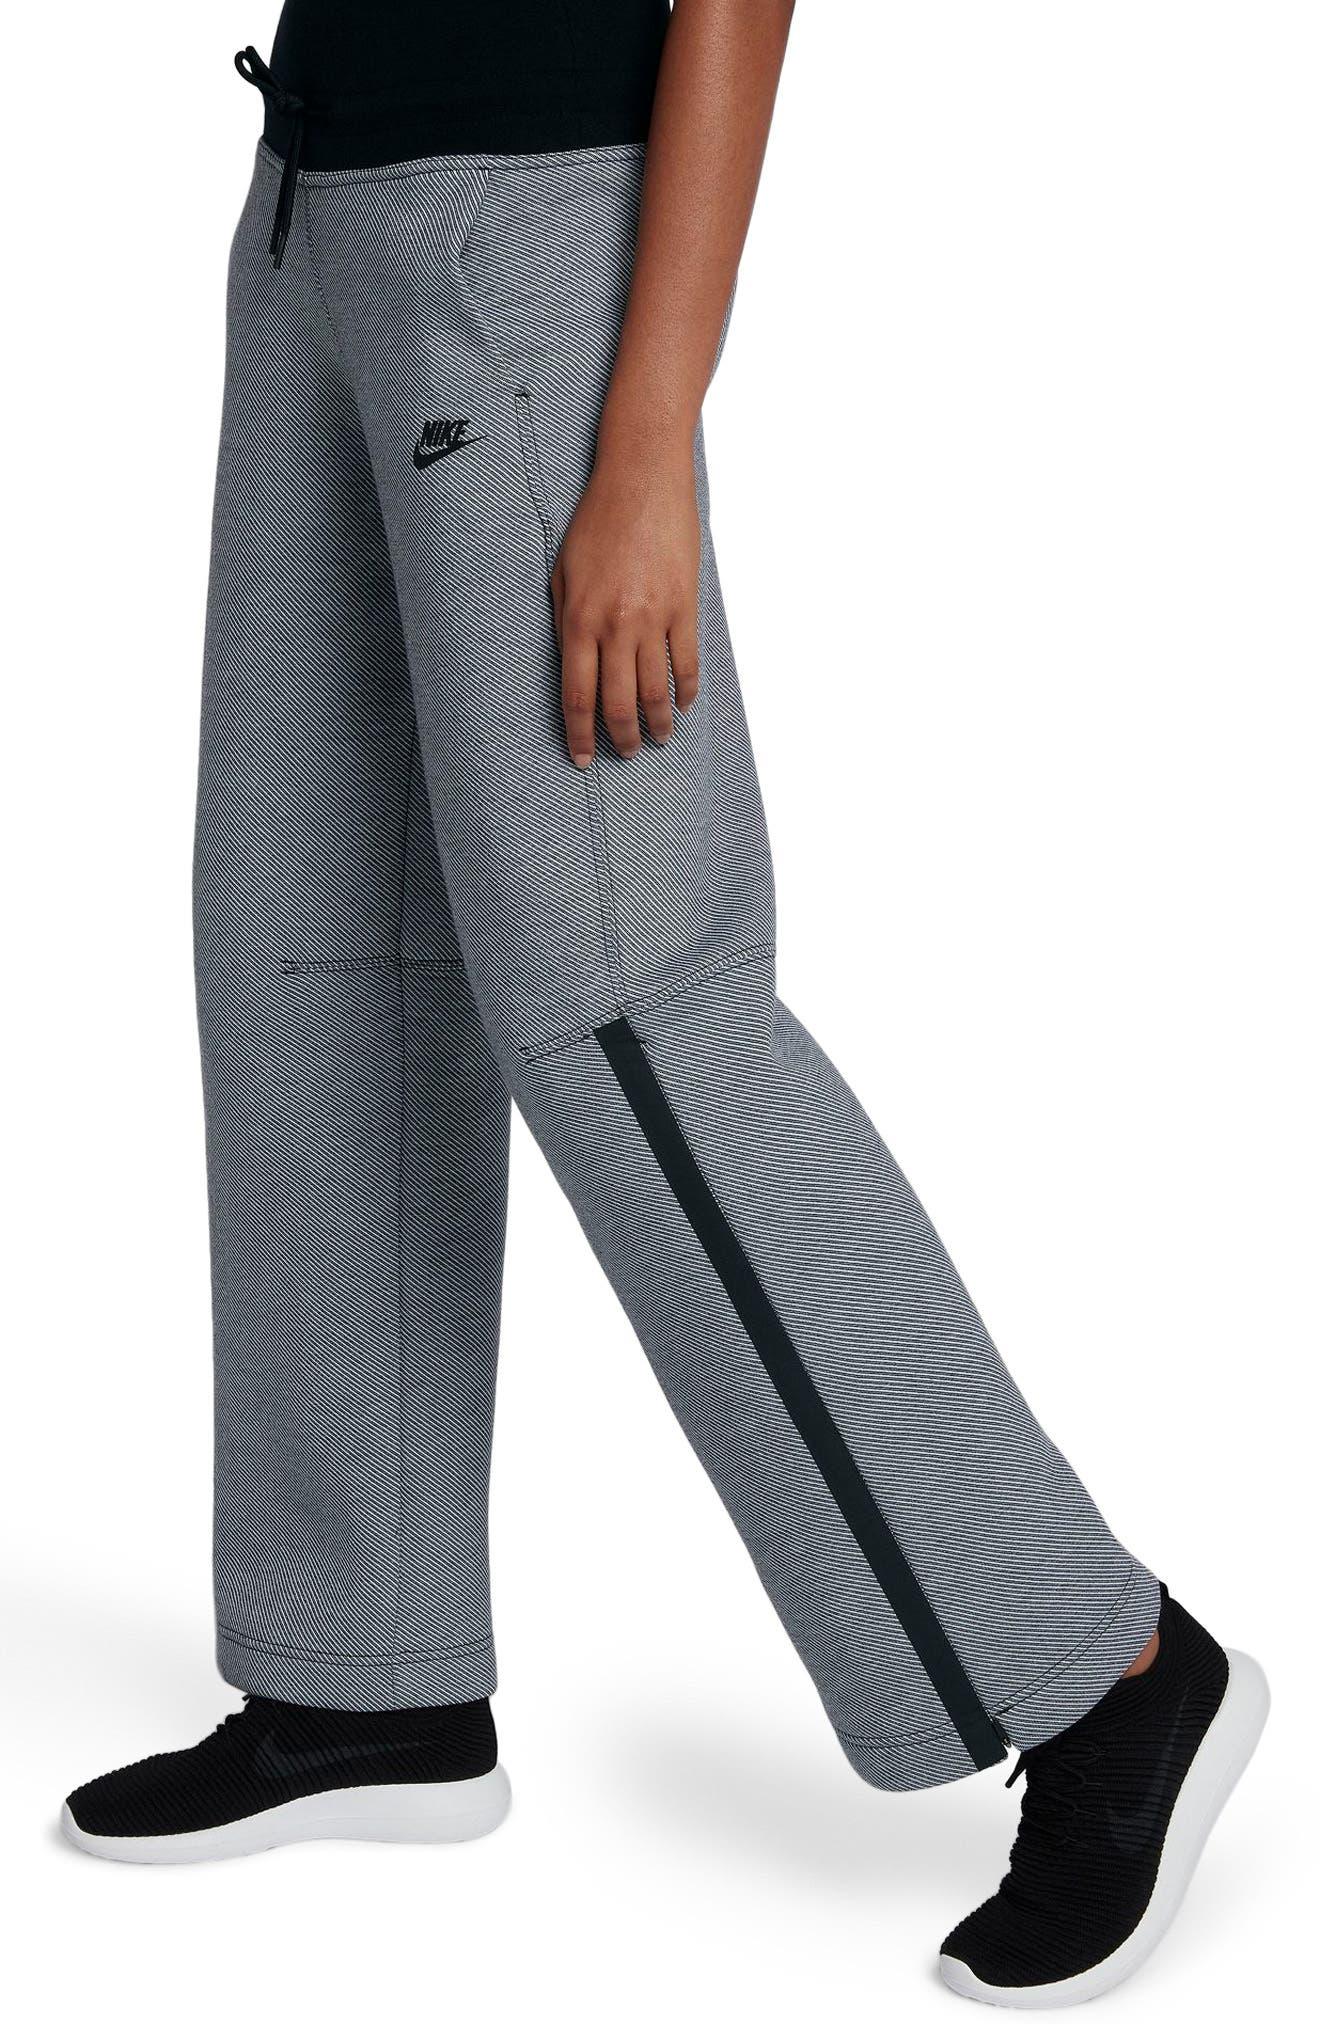 Drawstring Technical Pants,                             Alternate thumbnail 7, color,                             Black/ Black